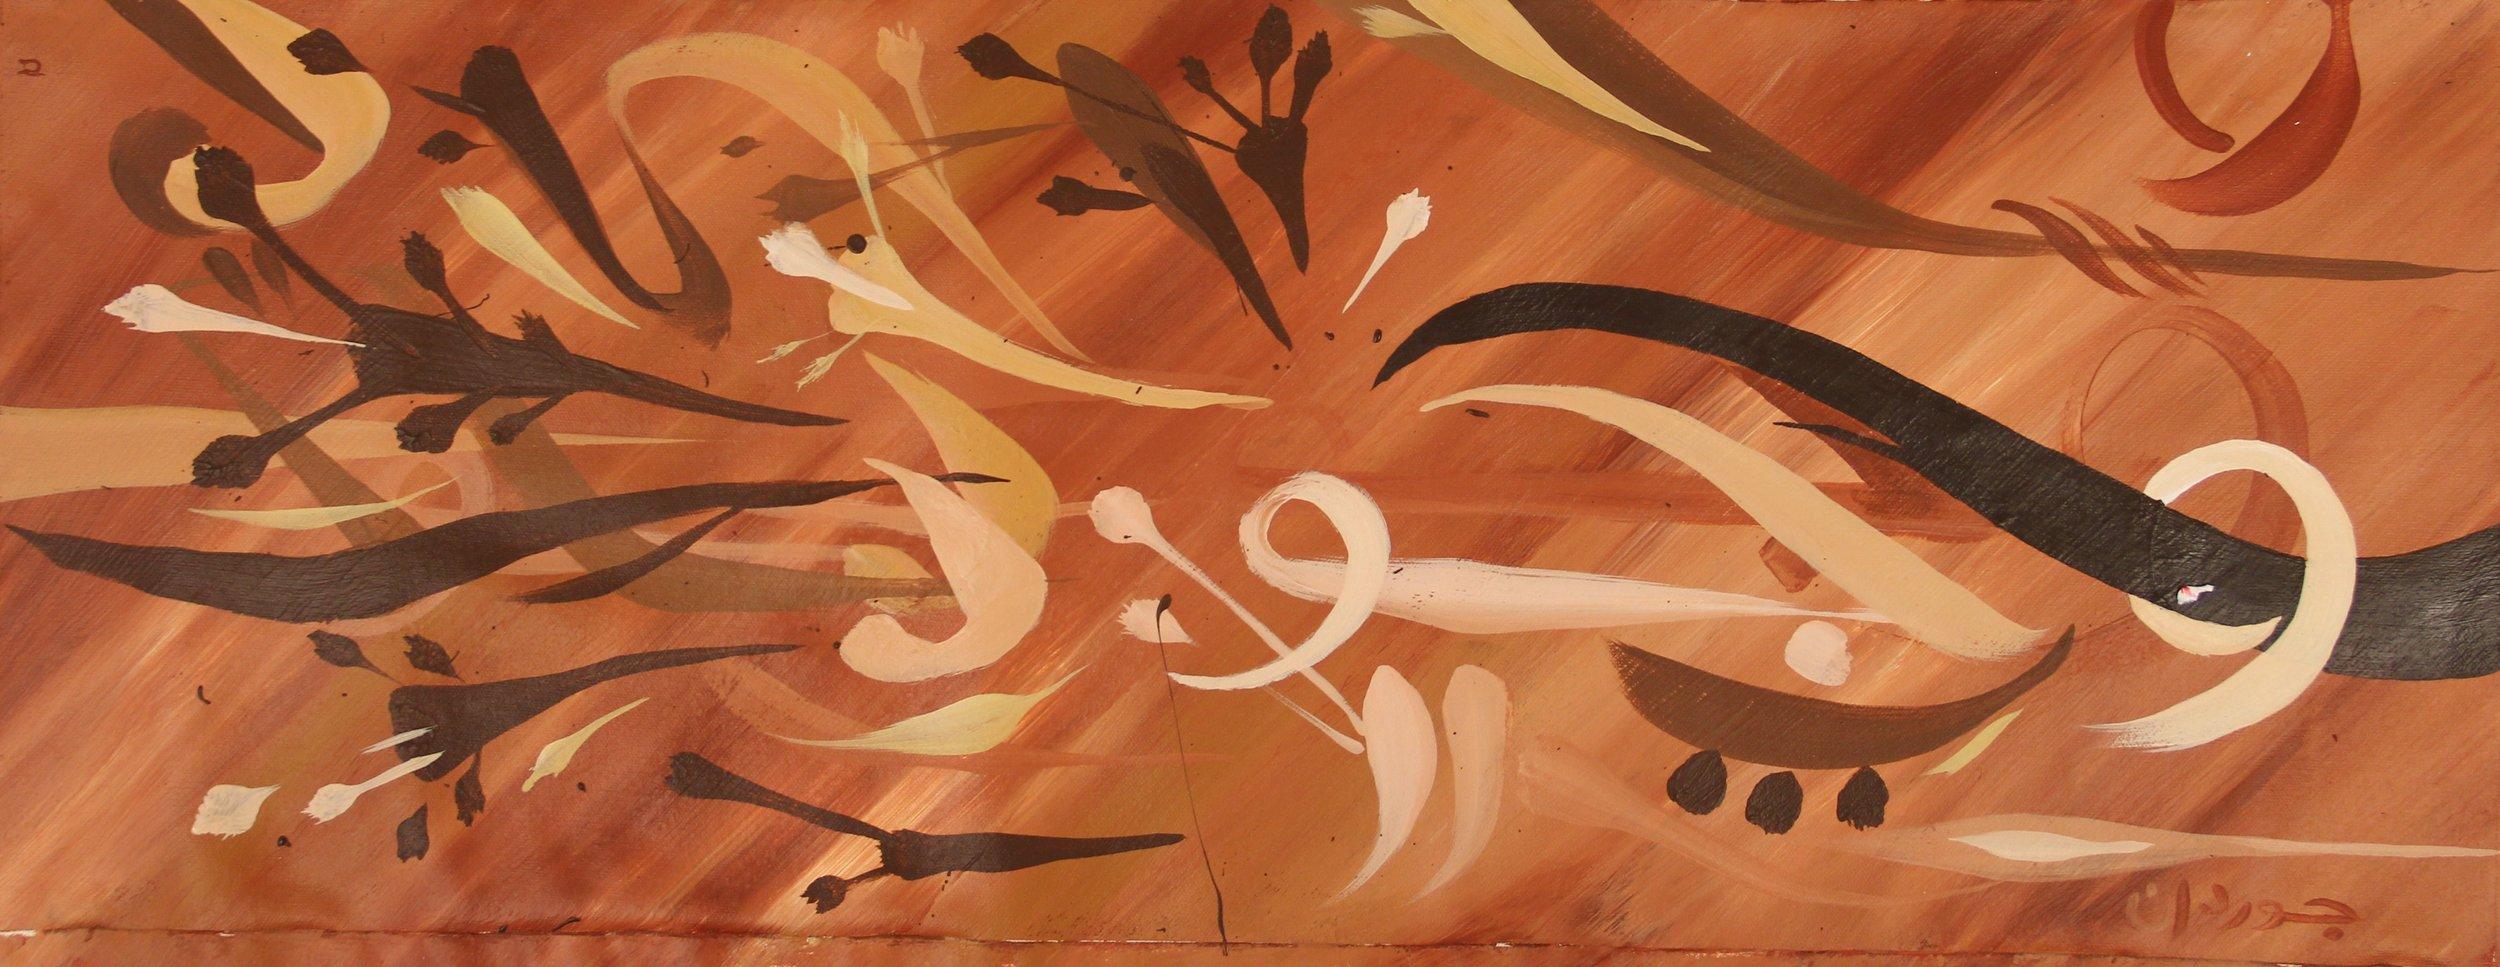 Sahm al Wujud (Arrow of Existence)